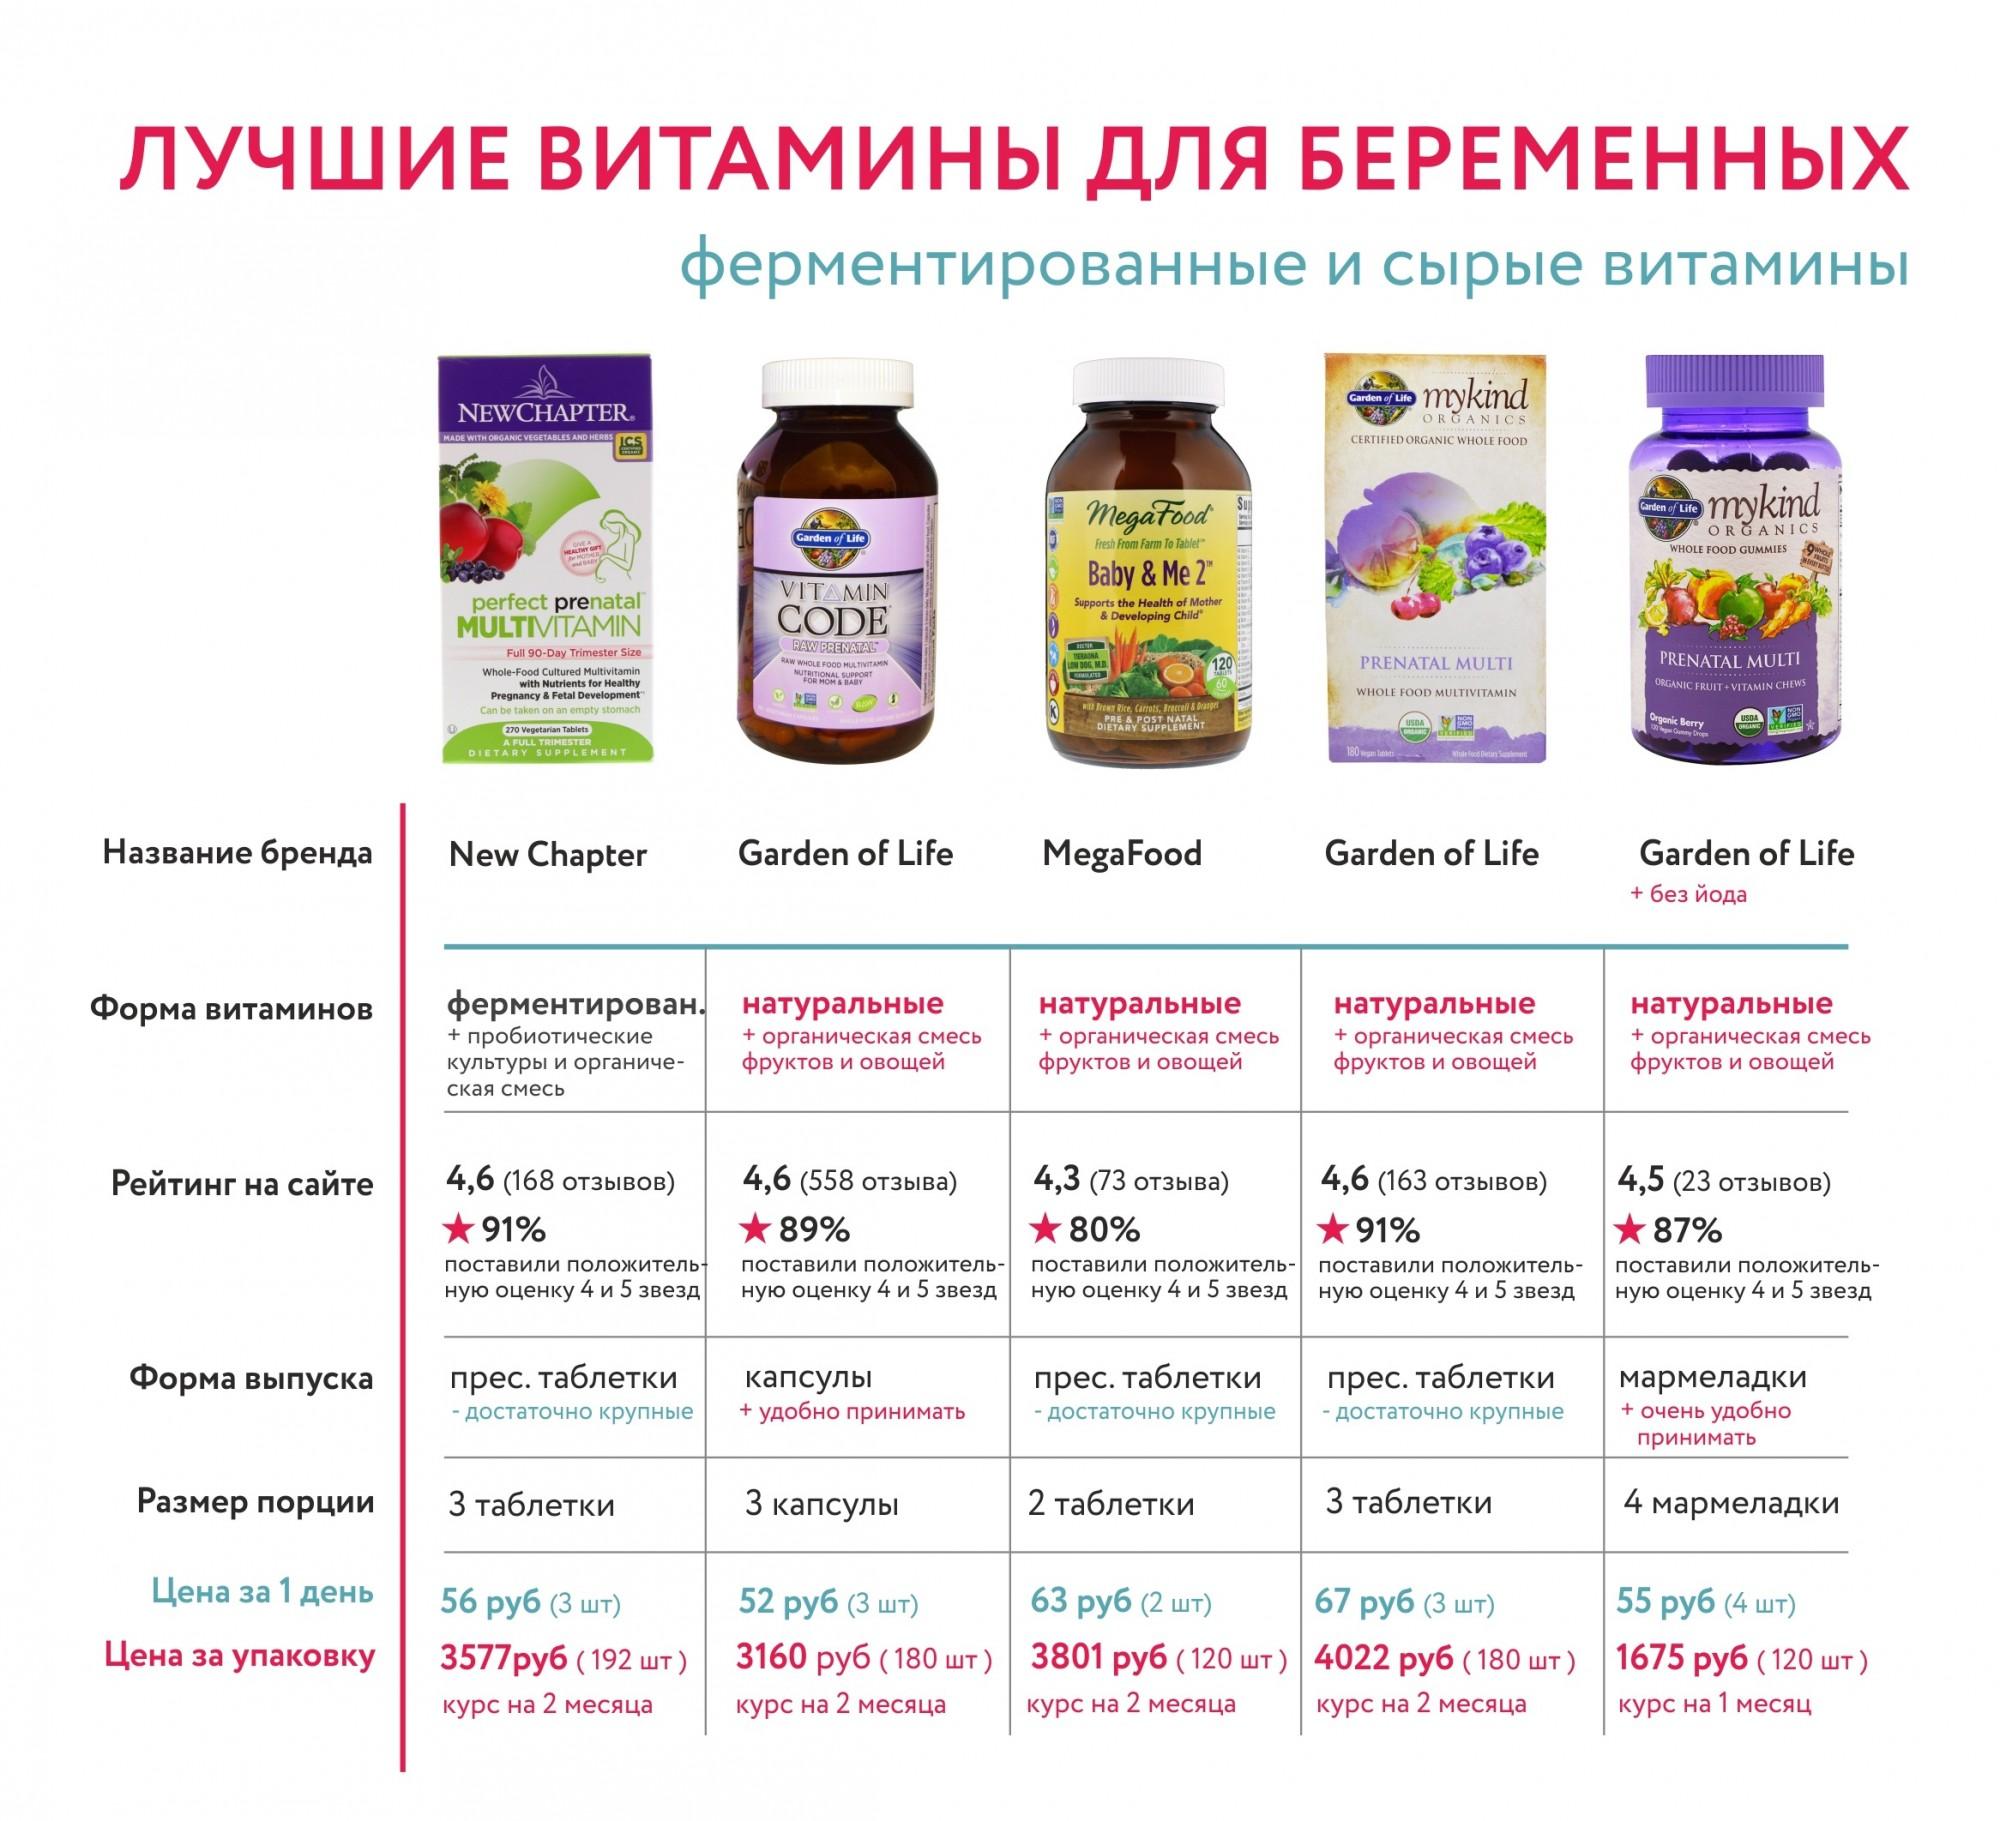 Витамины для беременных, какие лучше: элевит, прегнавит, алфавит, витрум пренатал форте, комплевит мама, центрум матерна, мульти-табс пренаталь, фемибион, амвей, эмфетал, прегнакея / mama66.ru